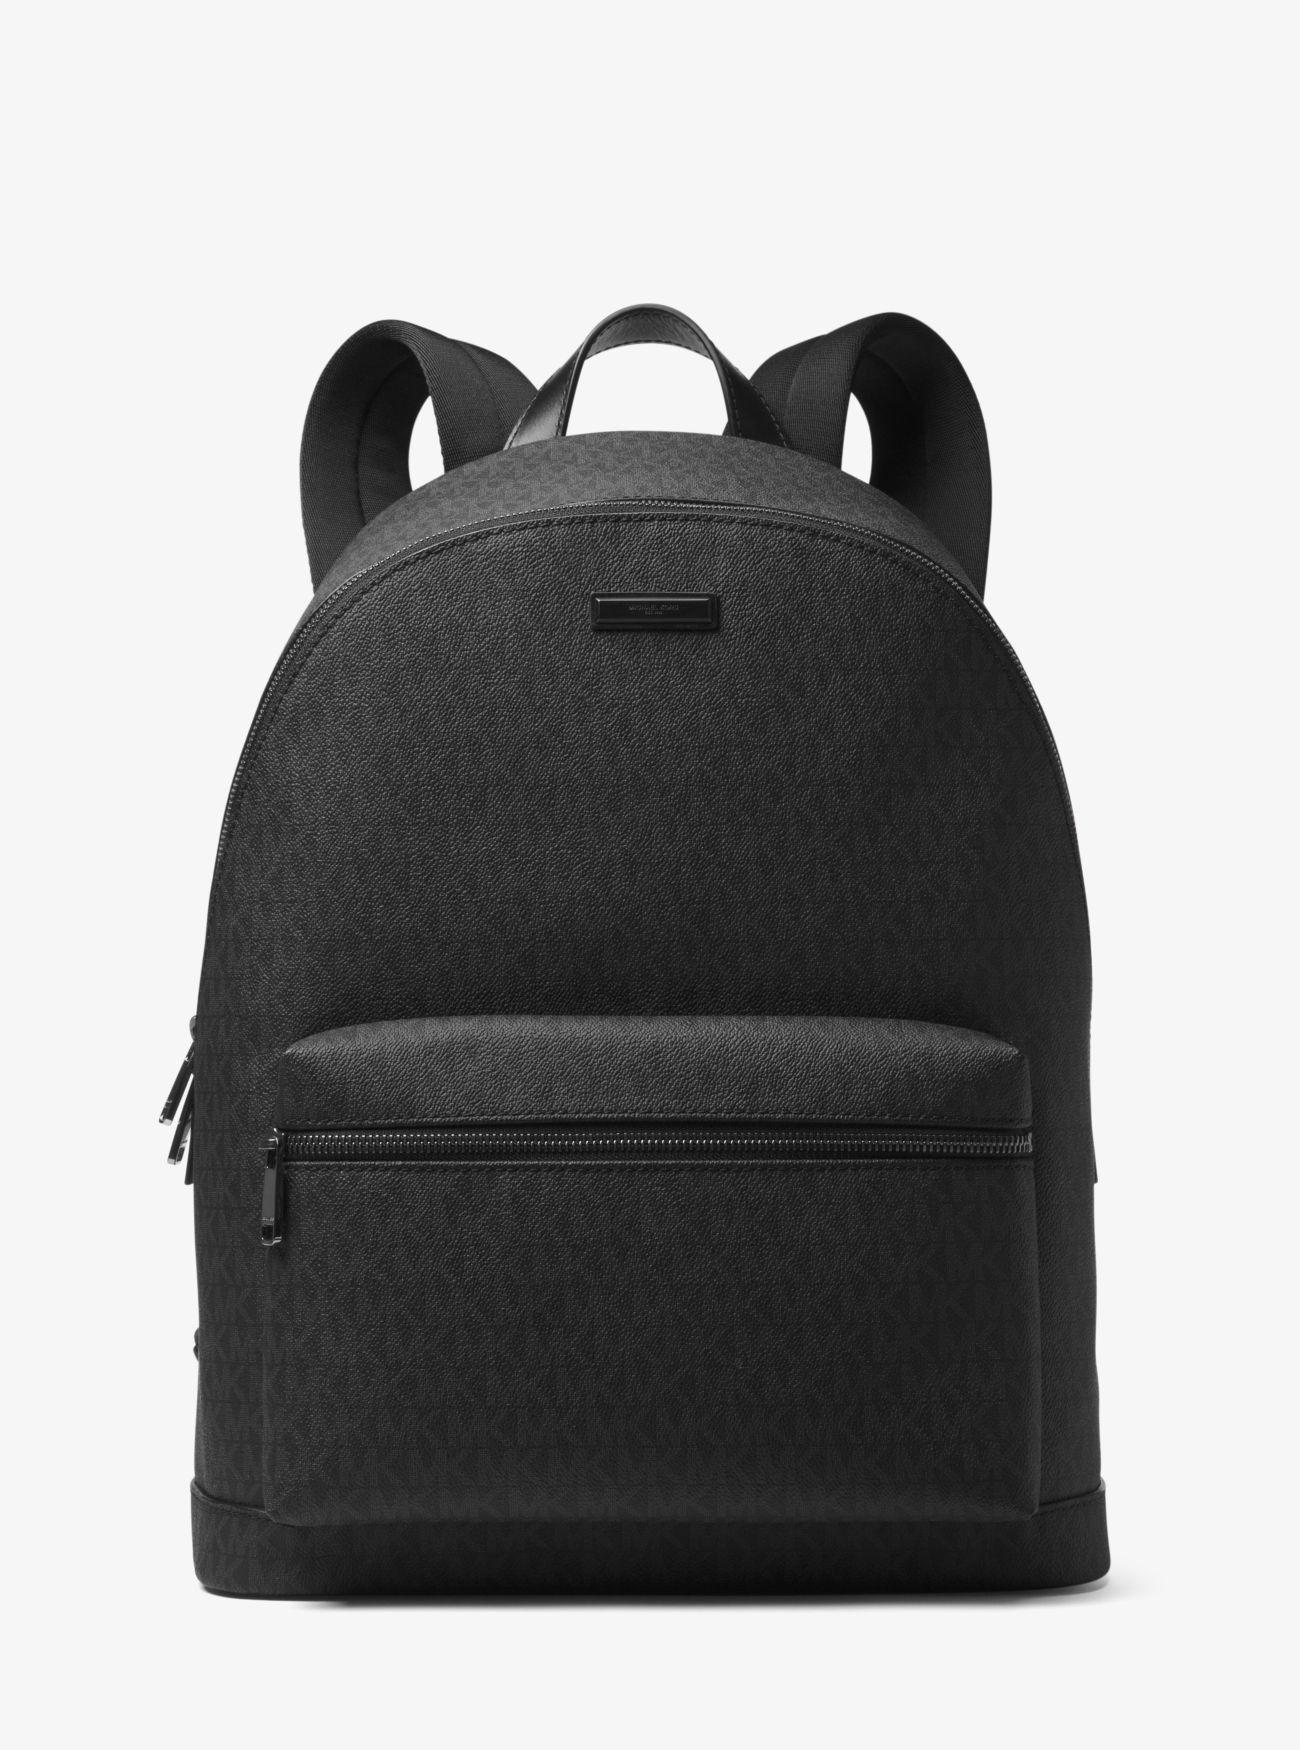 077f3fa604cf Outlet Michael Kors Black Mens Jet Set Logo Backpack Online Shop ...